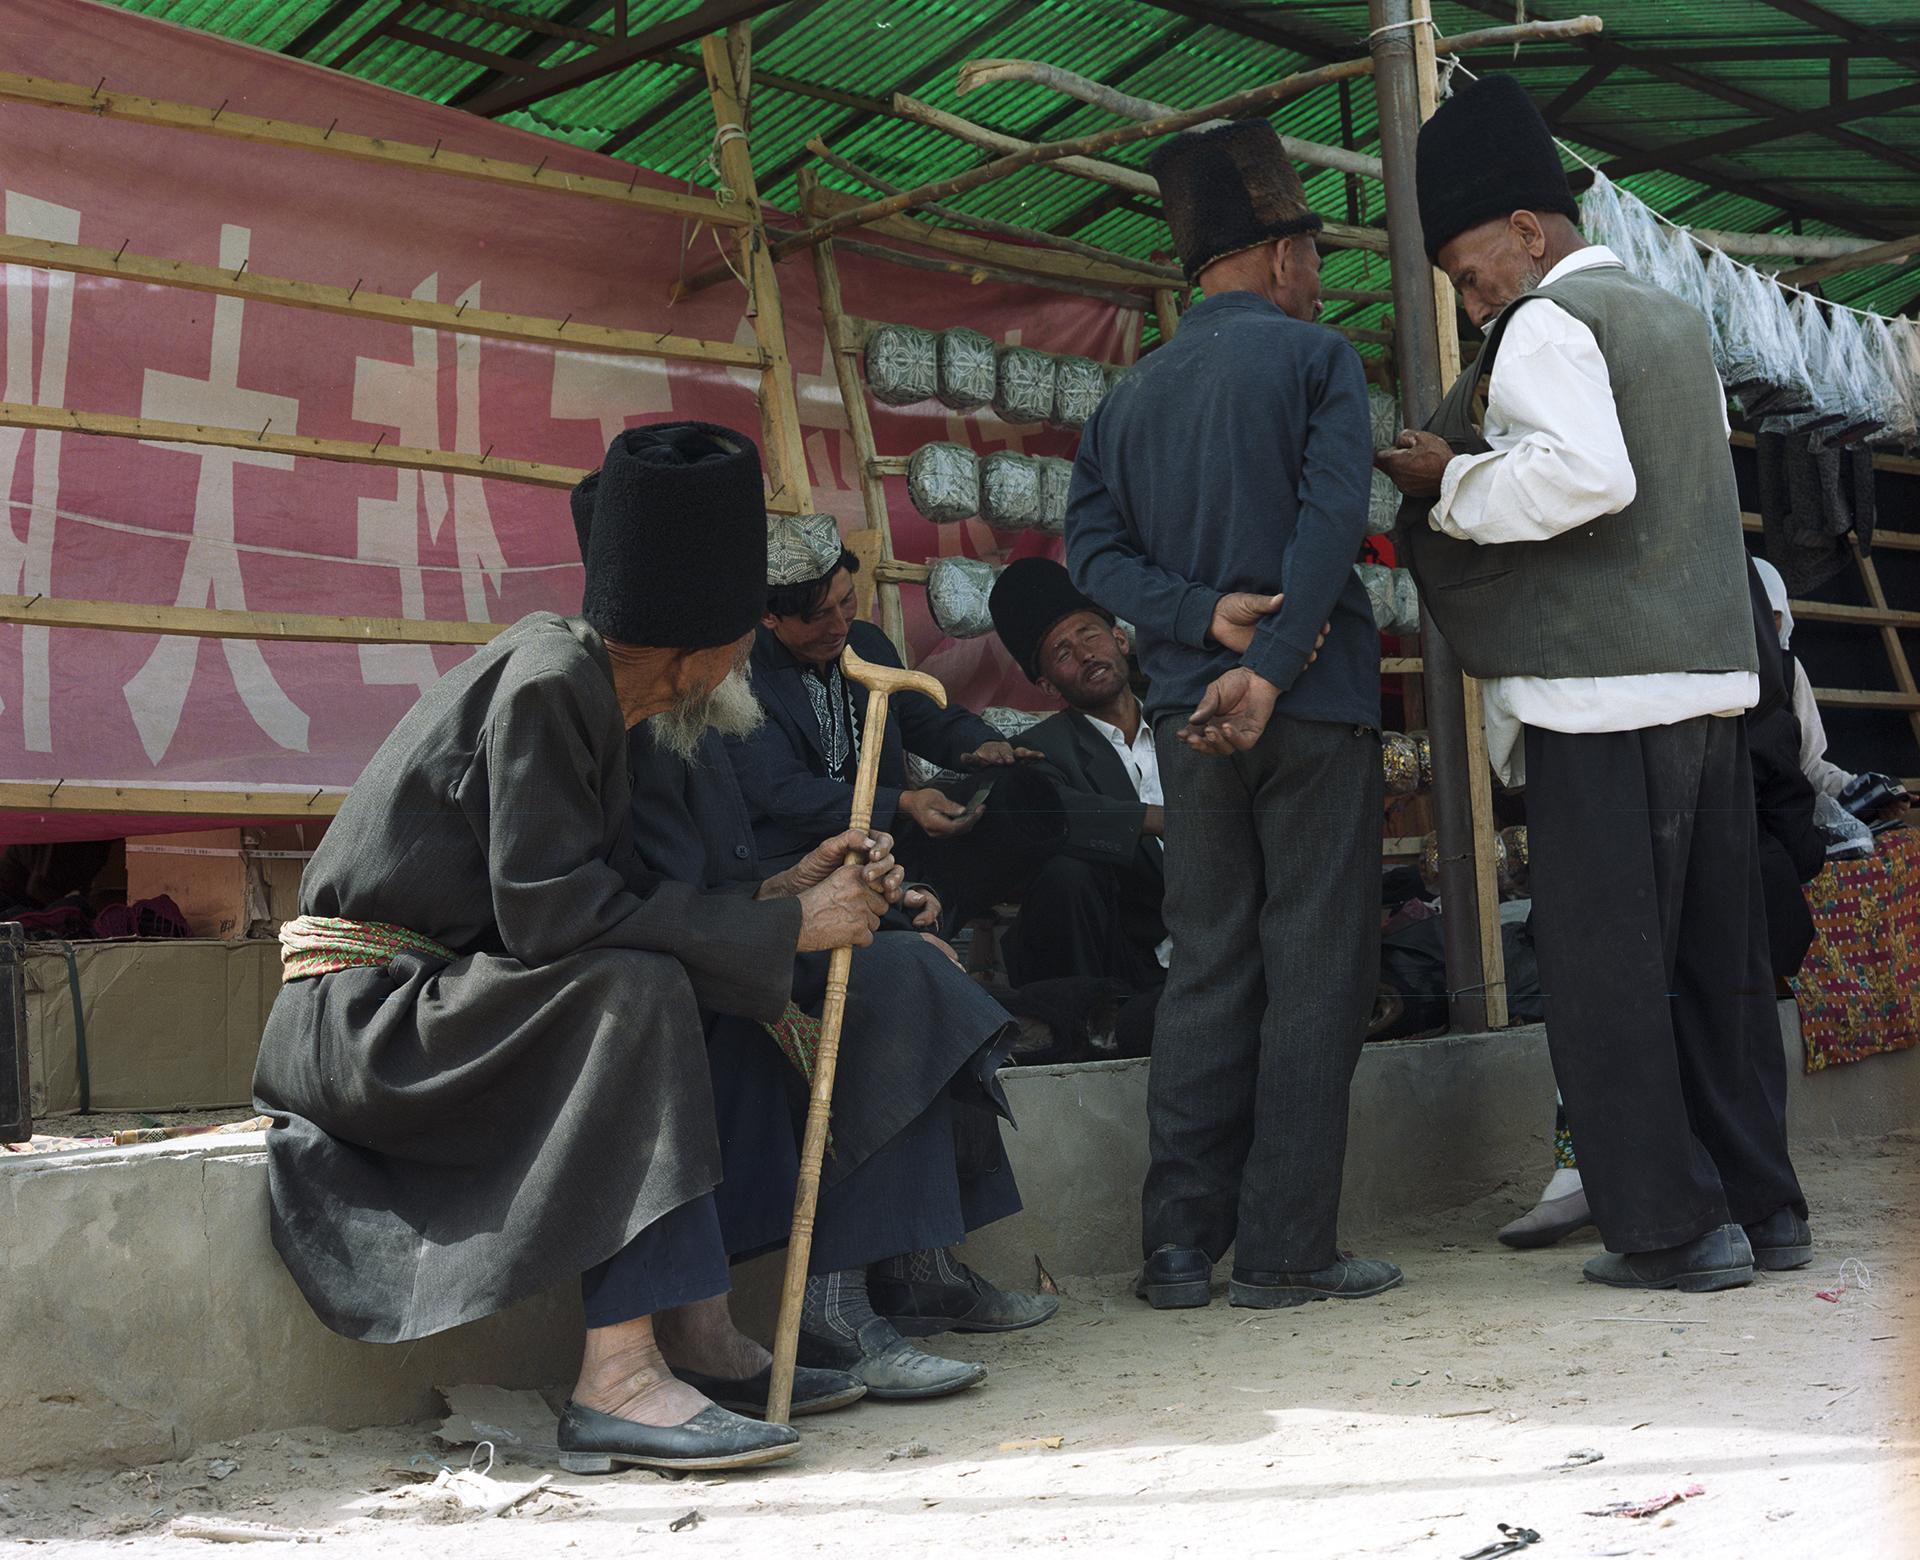 2007 Xinjiang - mens'corner at a local market on the Silk Road.